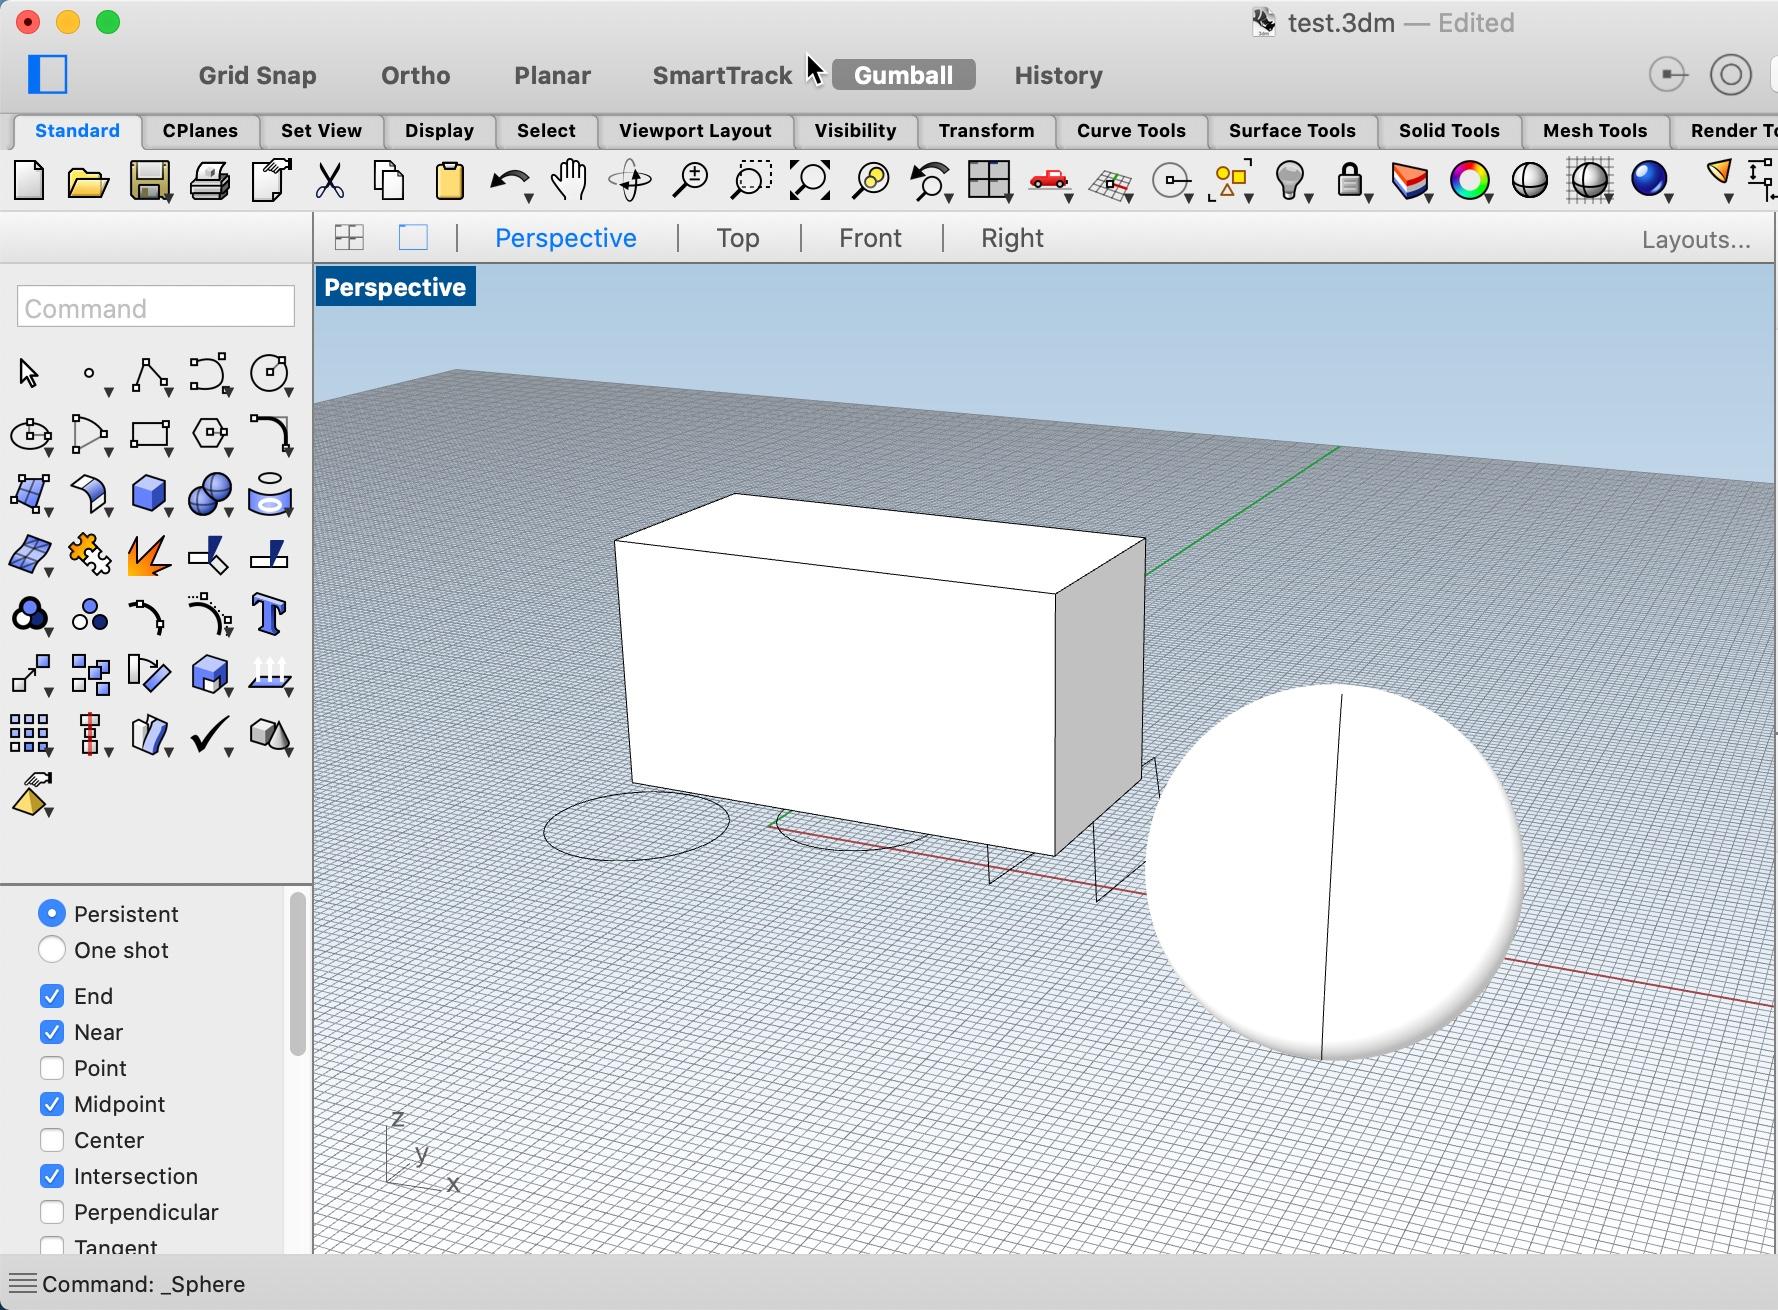 mac_display_mode.jpg